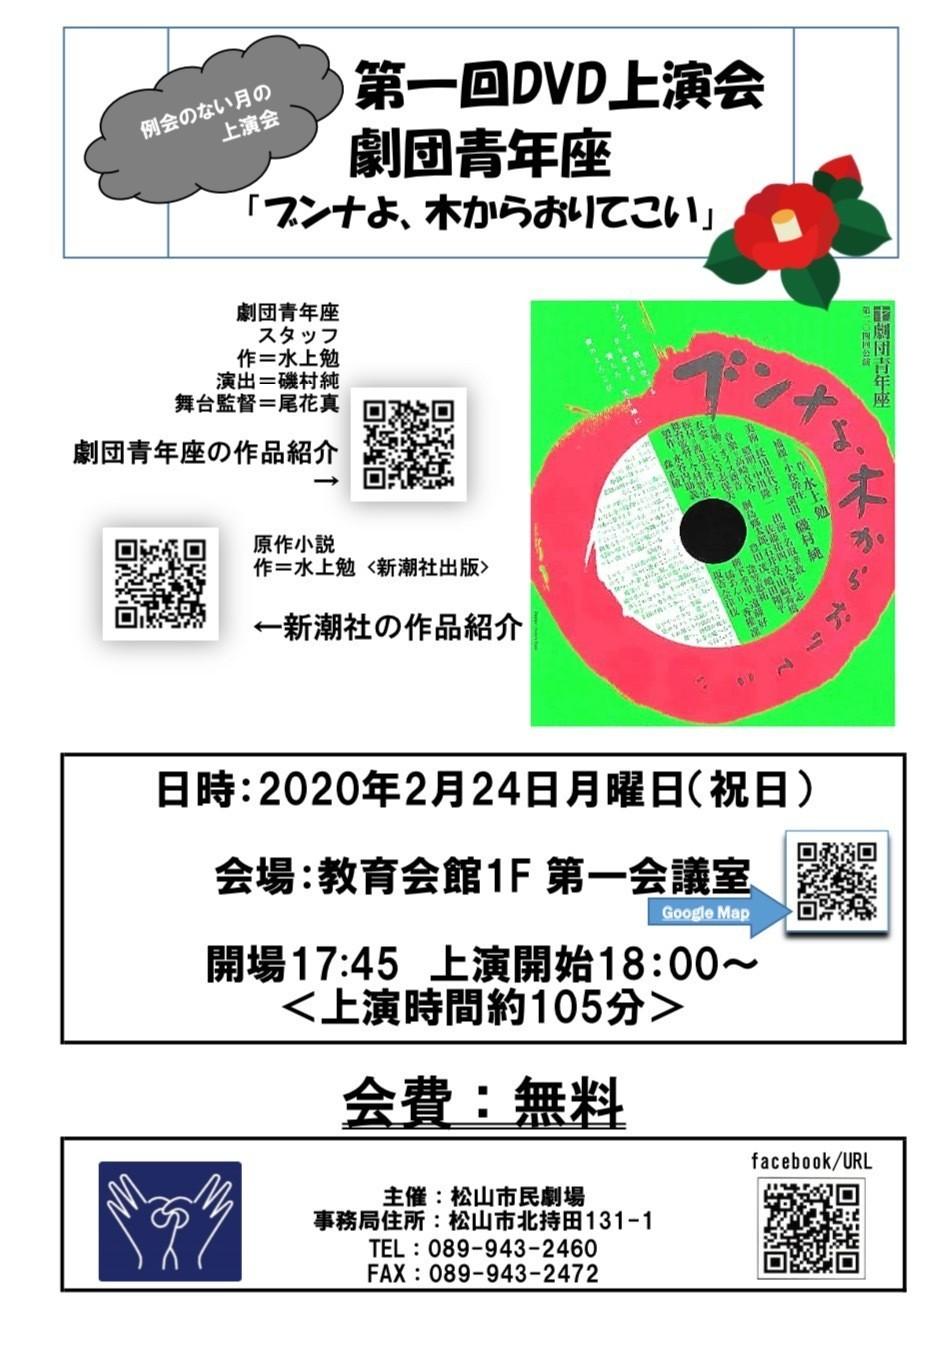 2002_市民劇場上映_青年座_愛媛